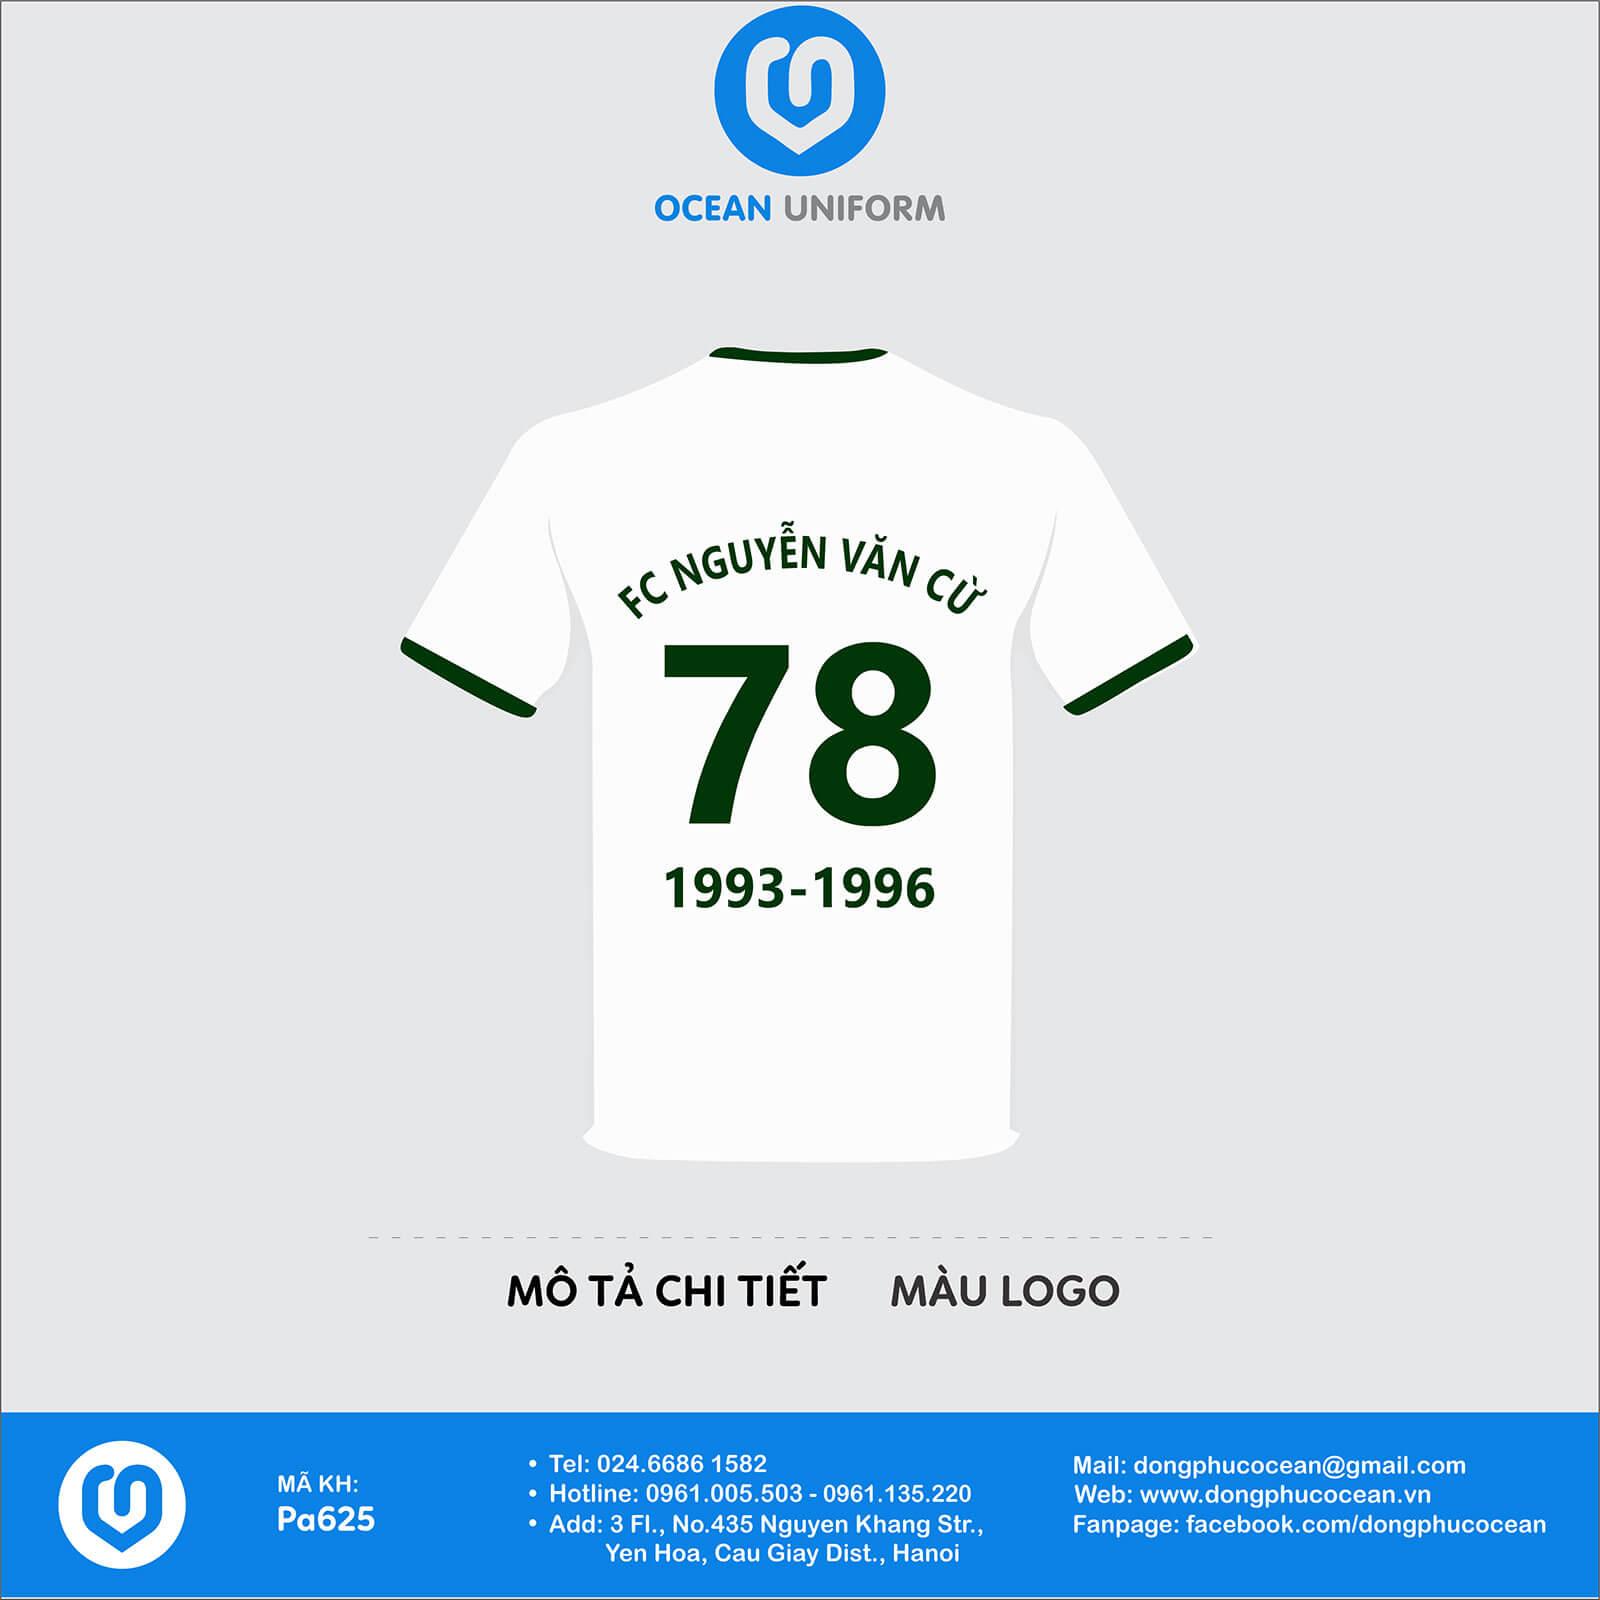 Đồng phục câu lạc bộ FC Nguyễn Văn Cừ mặt sau